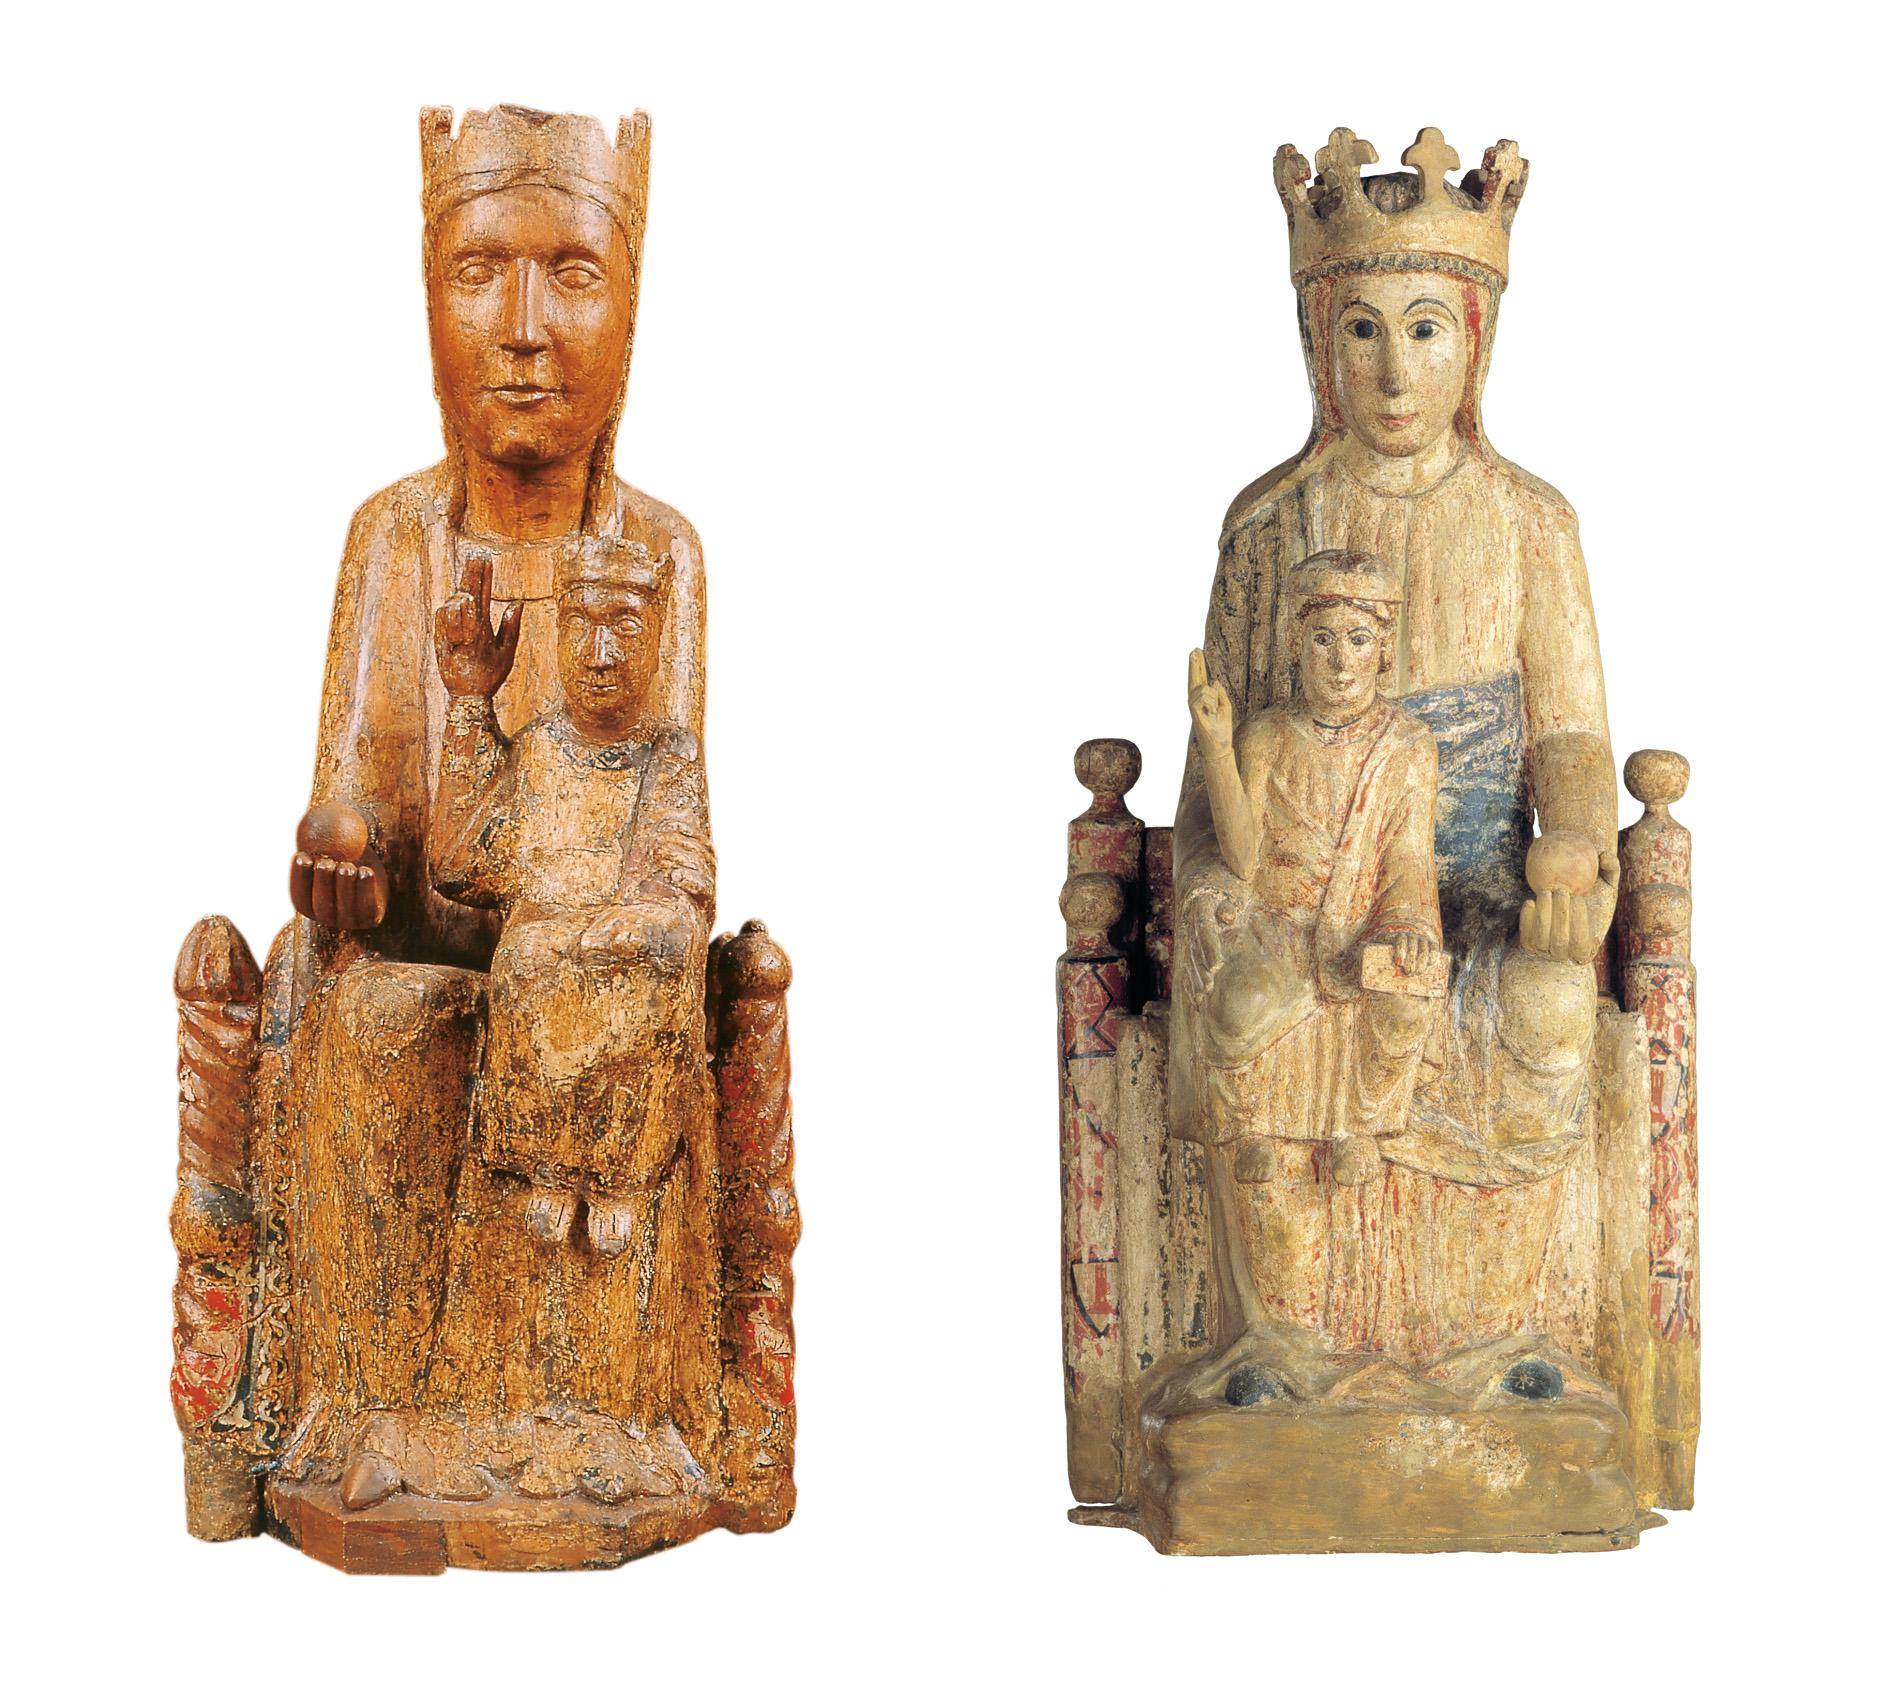 A l'esquerra, la Marededéu de Santa Maria de Matamala. Tallers de Vic, últim quart del s.XII. A la dreta, la Marededéu de Santa Maria de Veciana. Catalunya, entre el segon i el tercer quart del s.XIII.